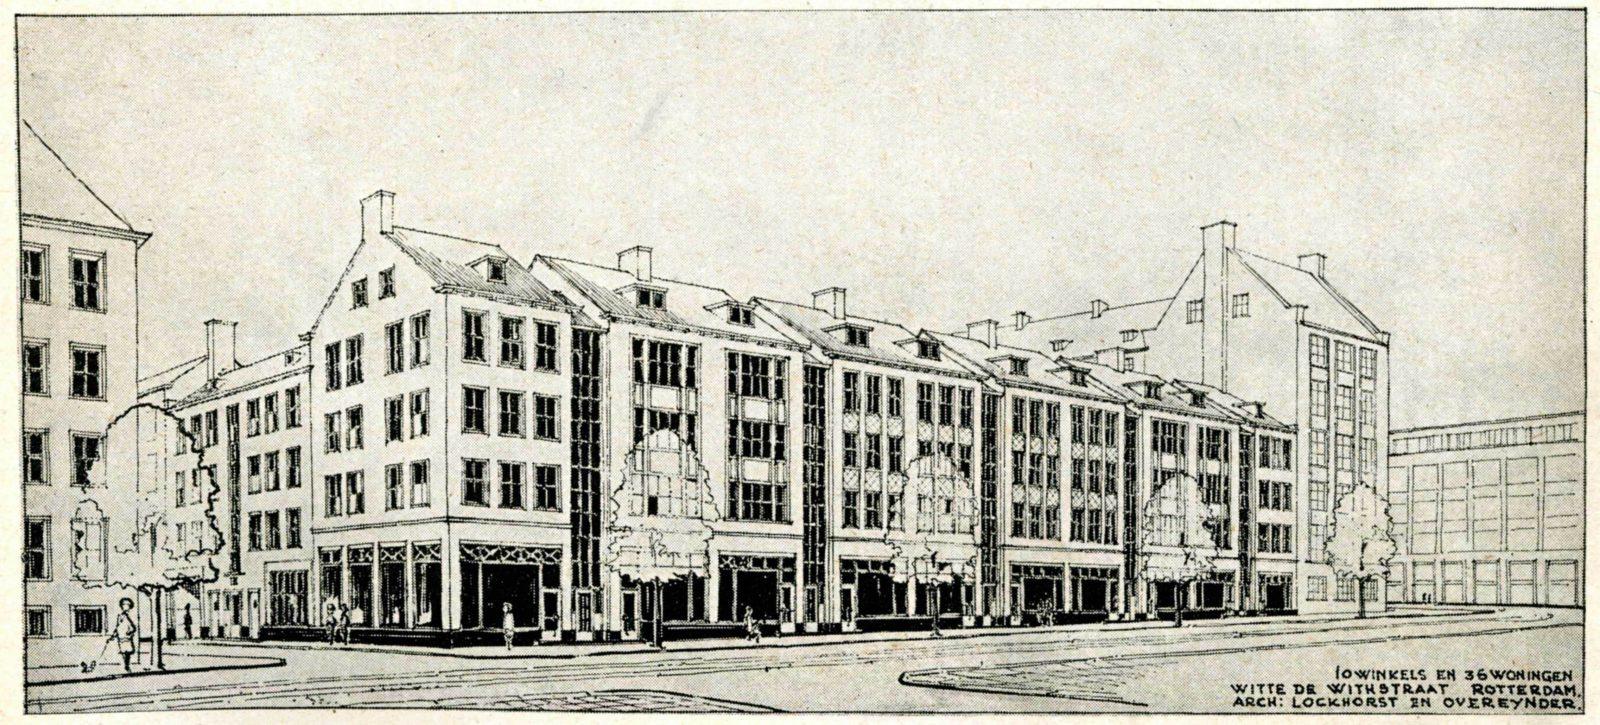 Witte-de-withstr-Maasstad-1949-dec-p.-235